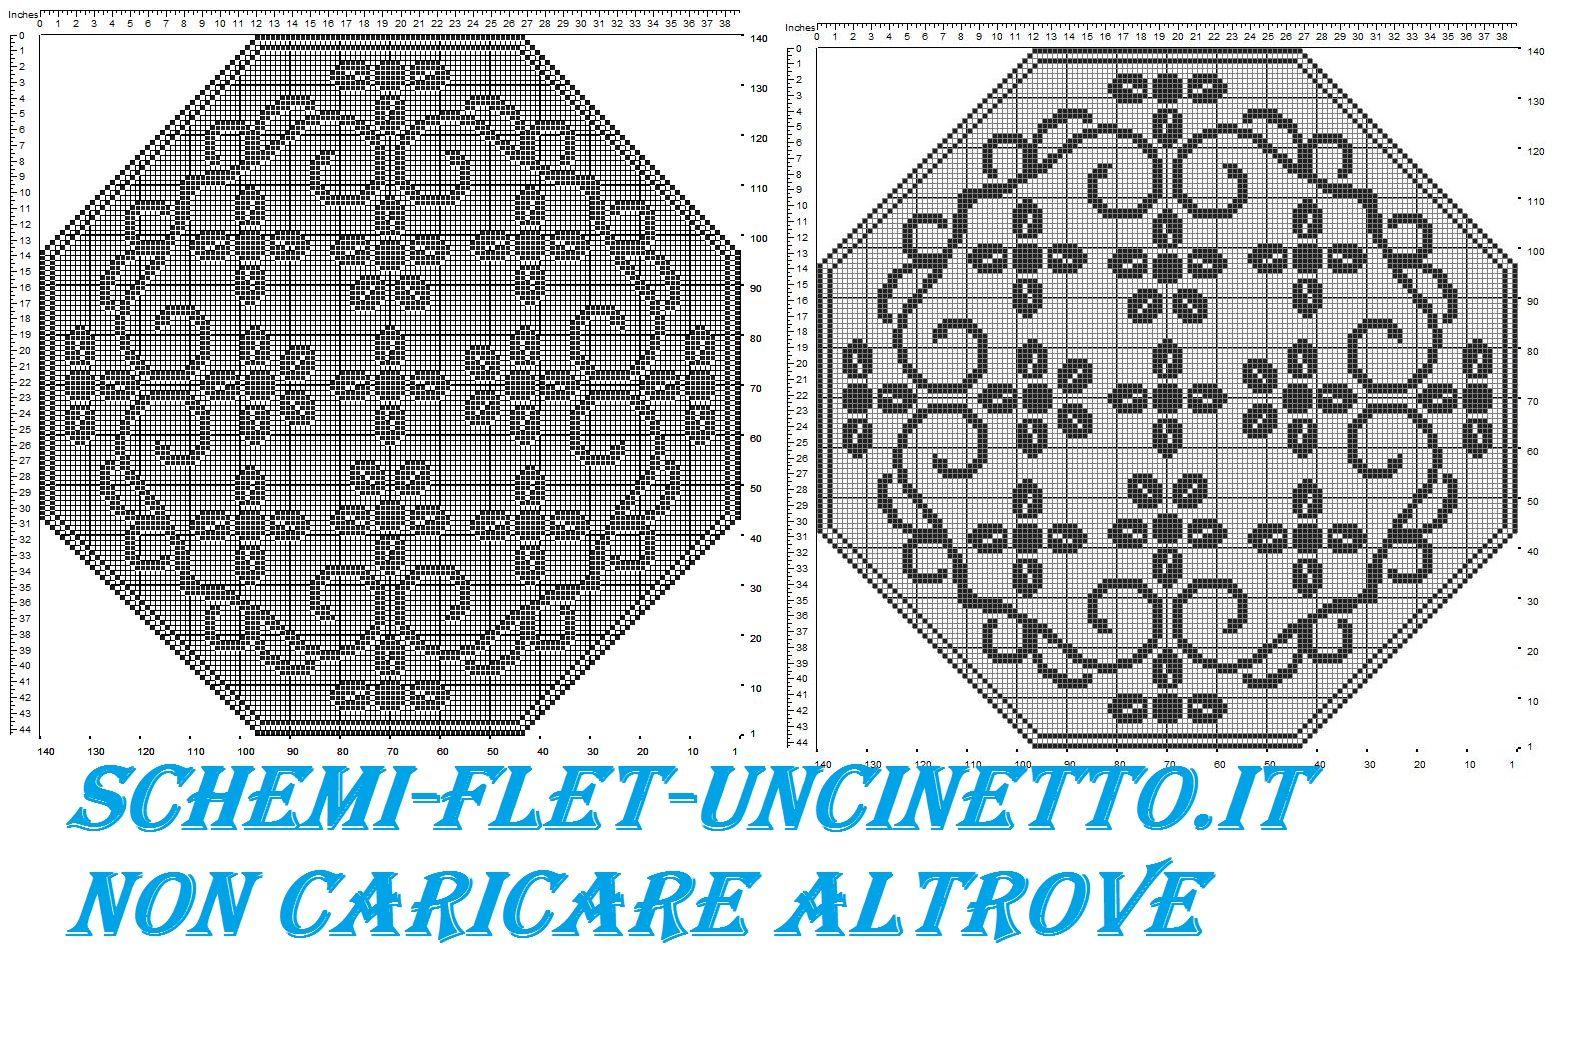 Centro ottagonale schema filet uncinetto gratis centri e for Lavori a filet schemi gratis